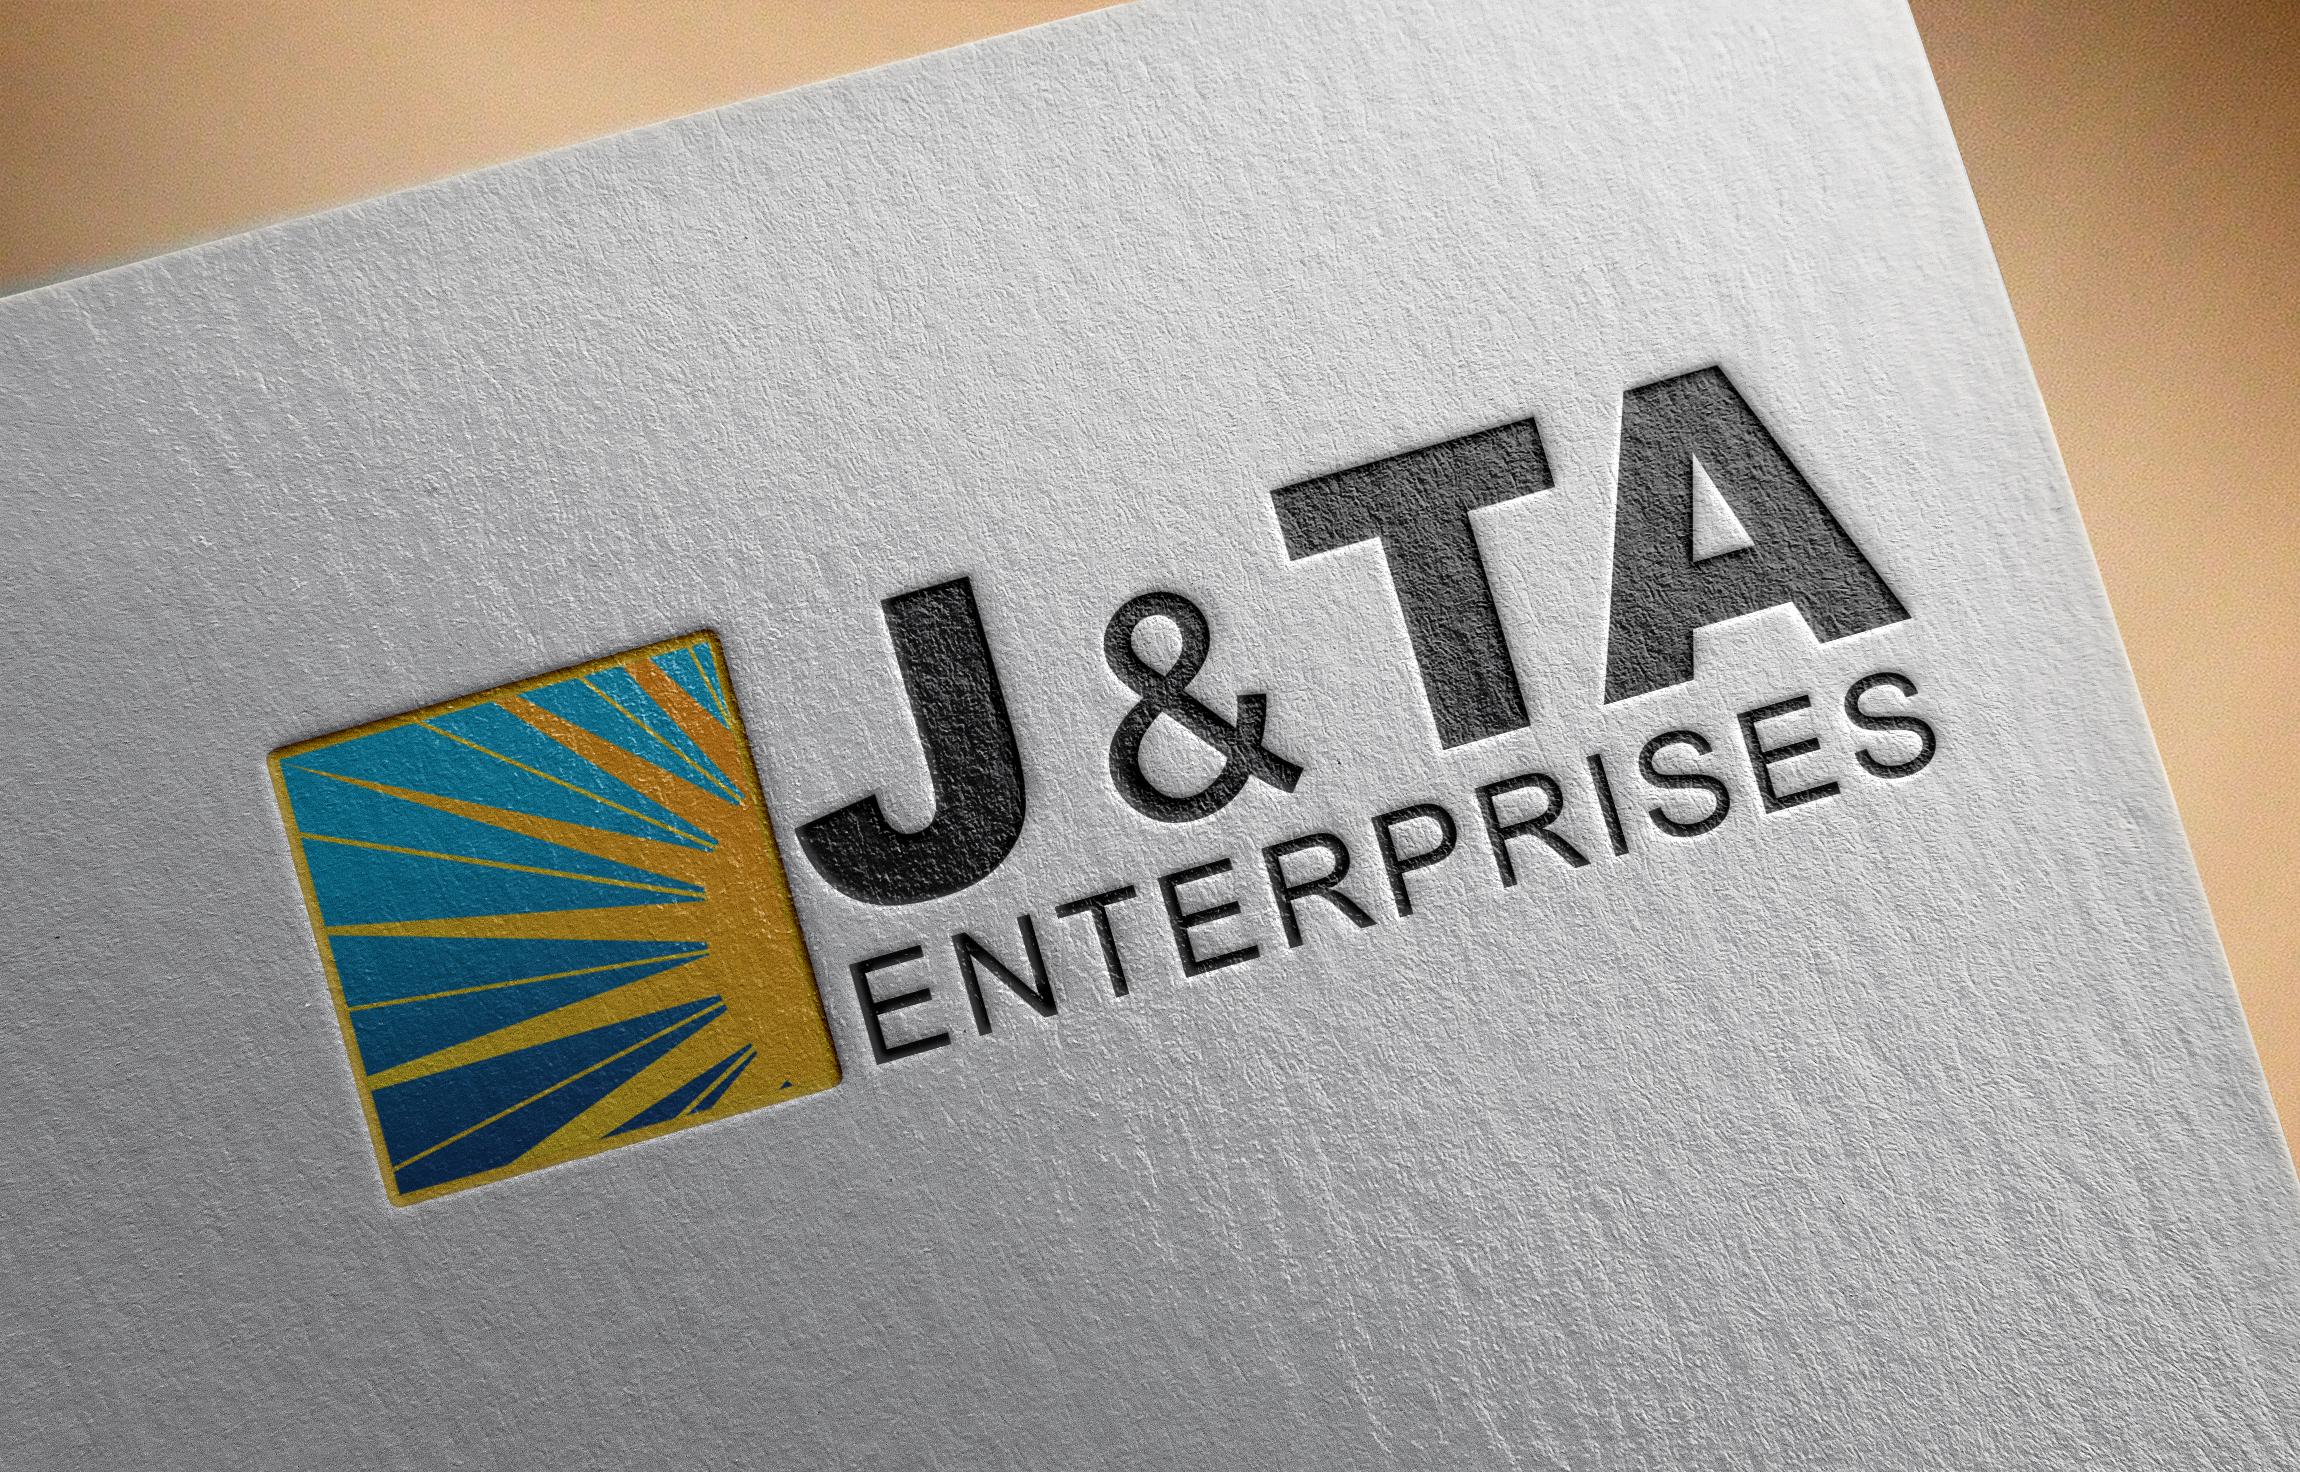 J&TA Enterprises